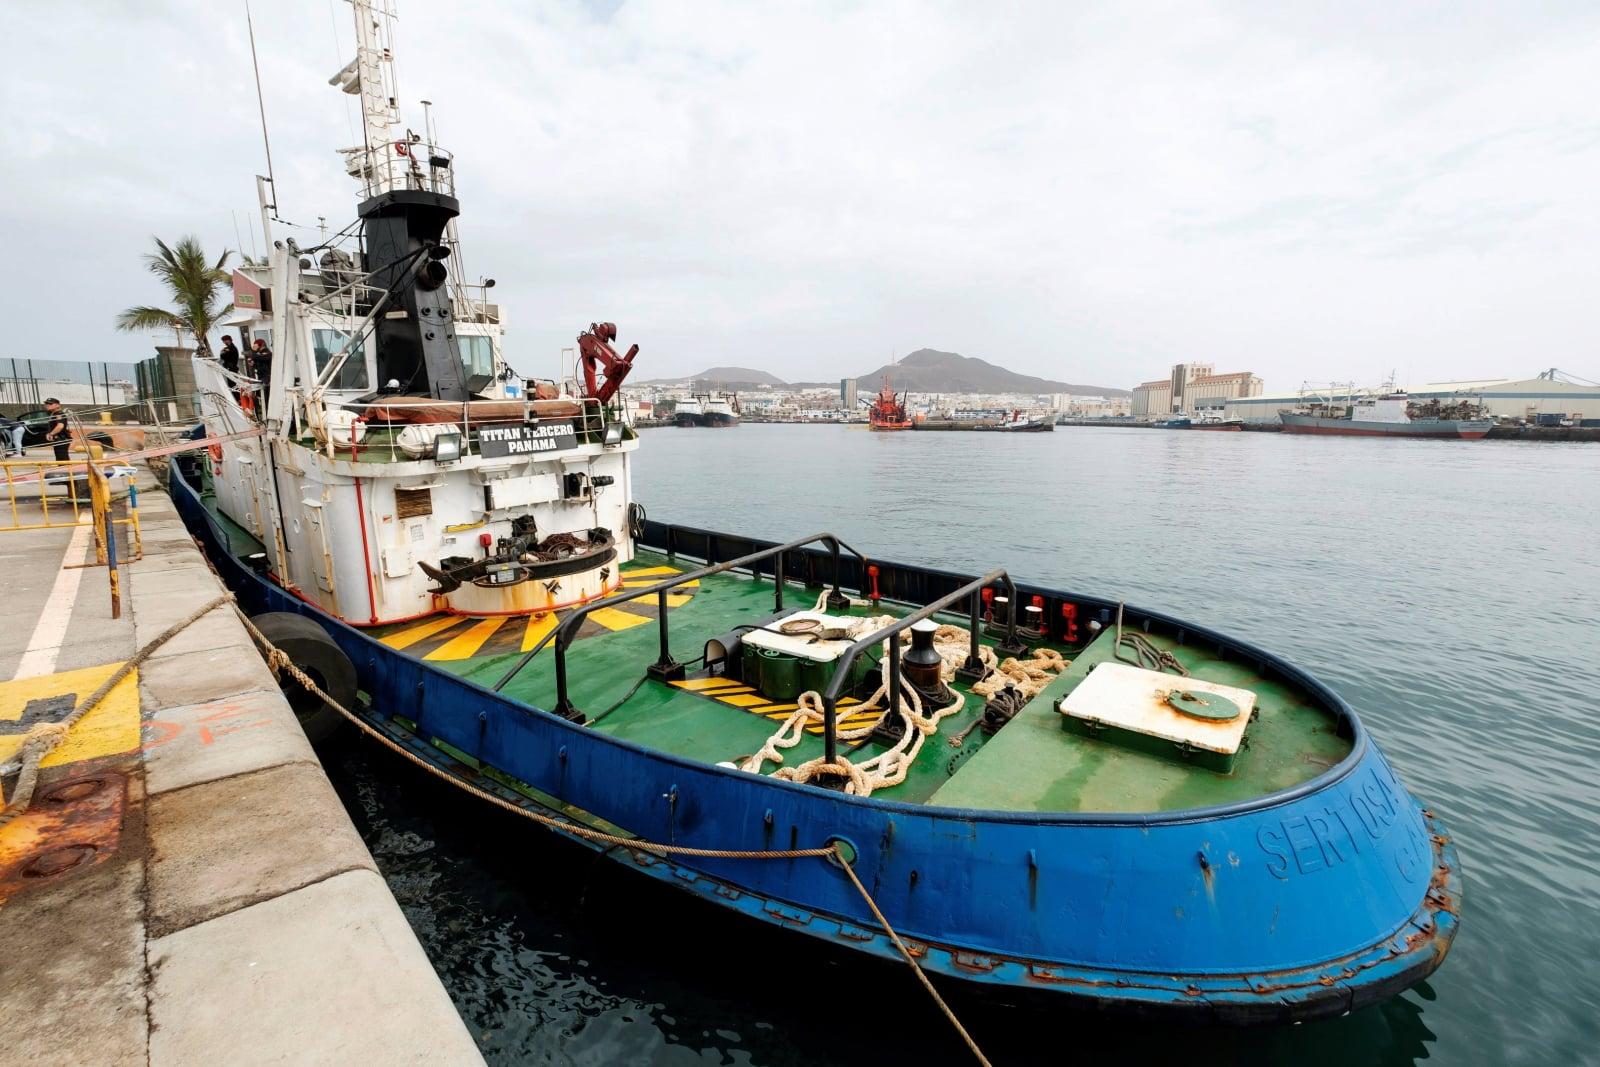 Przemyt narkotyków w Hiszpanii fot. EPA/ANGEL MEDINA G.